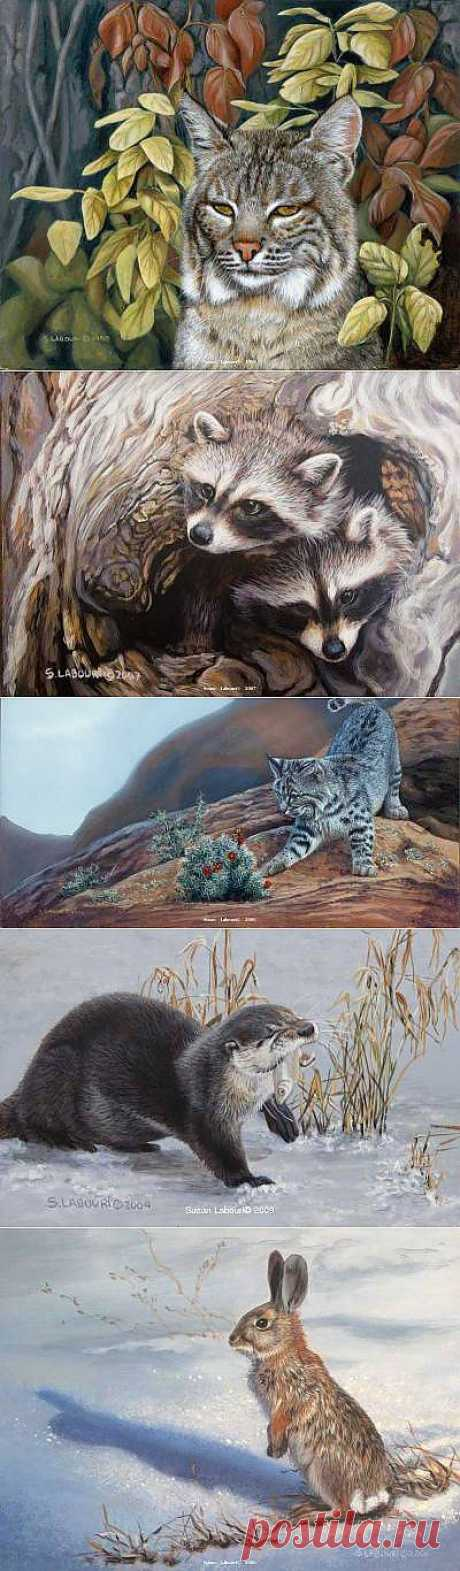 Животные художницы Susan Labouri - Галерея искусств - Для души - Статьи - Школа радости